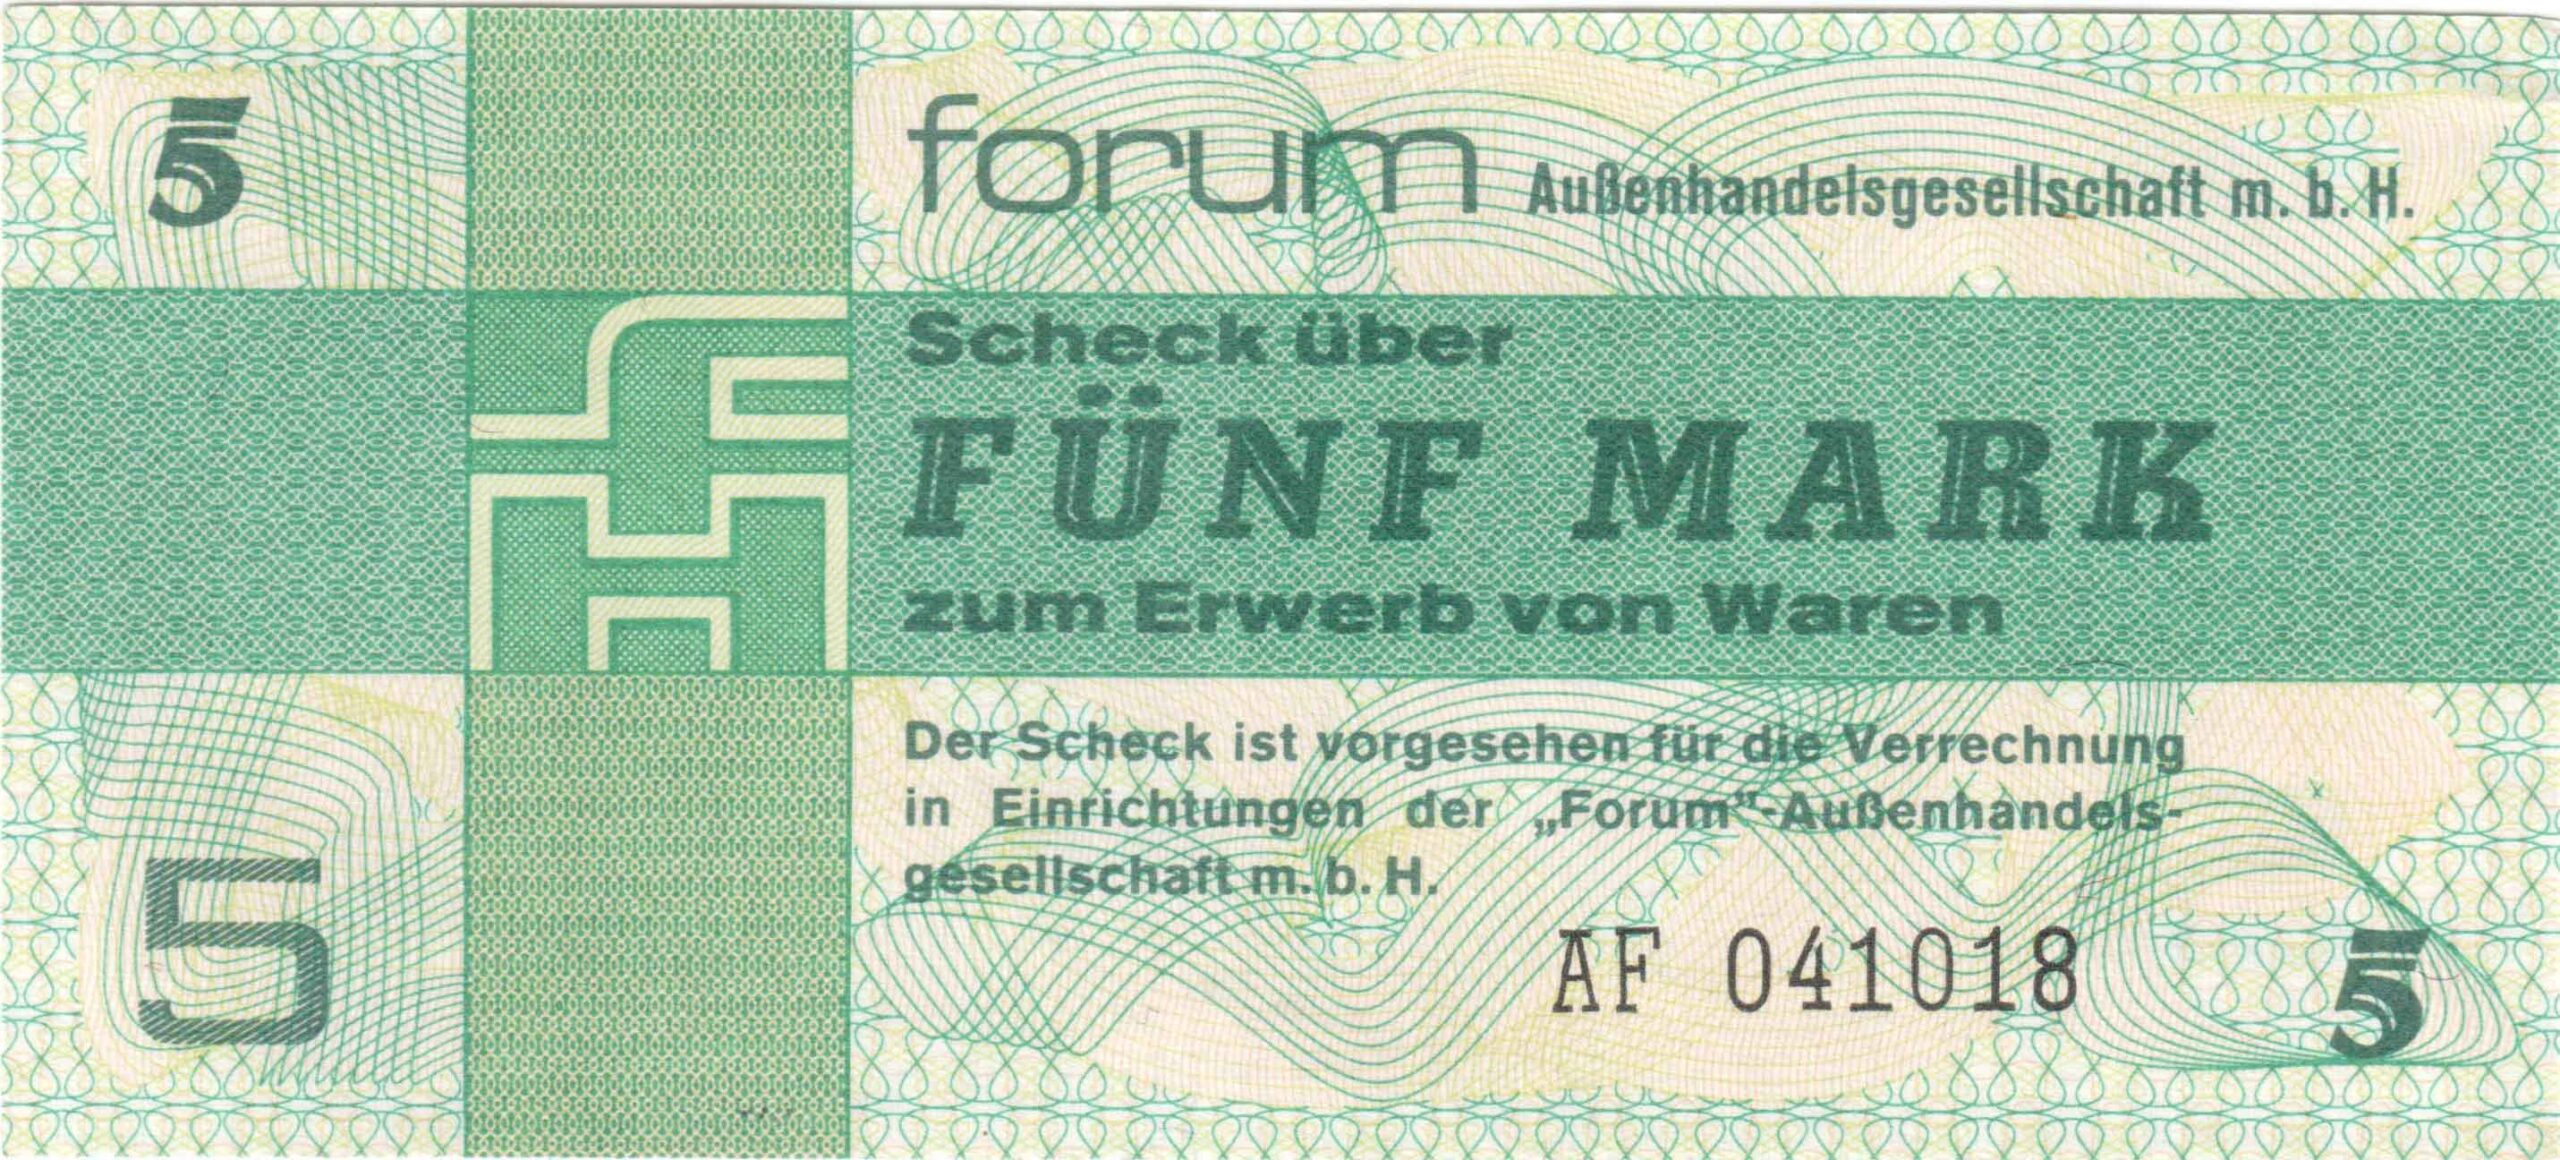 Fünfmarkschein zum Bezahlen in den Valutaläden Forum der DDR von 1979, Ro. 369, Vorderseite